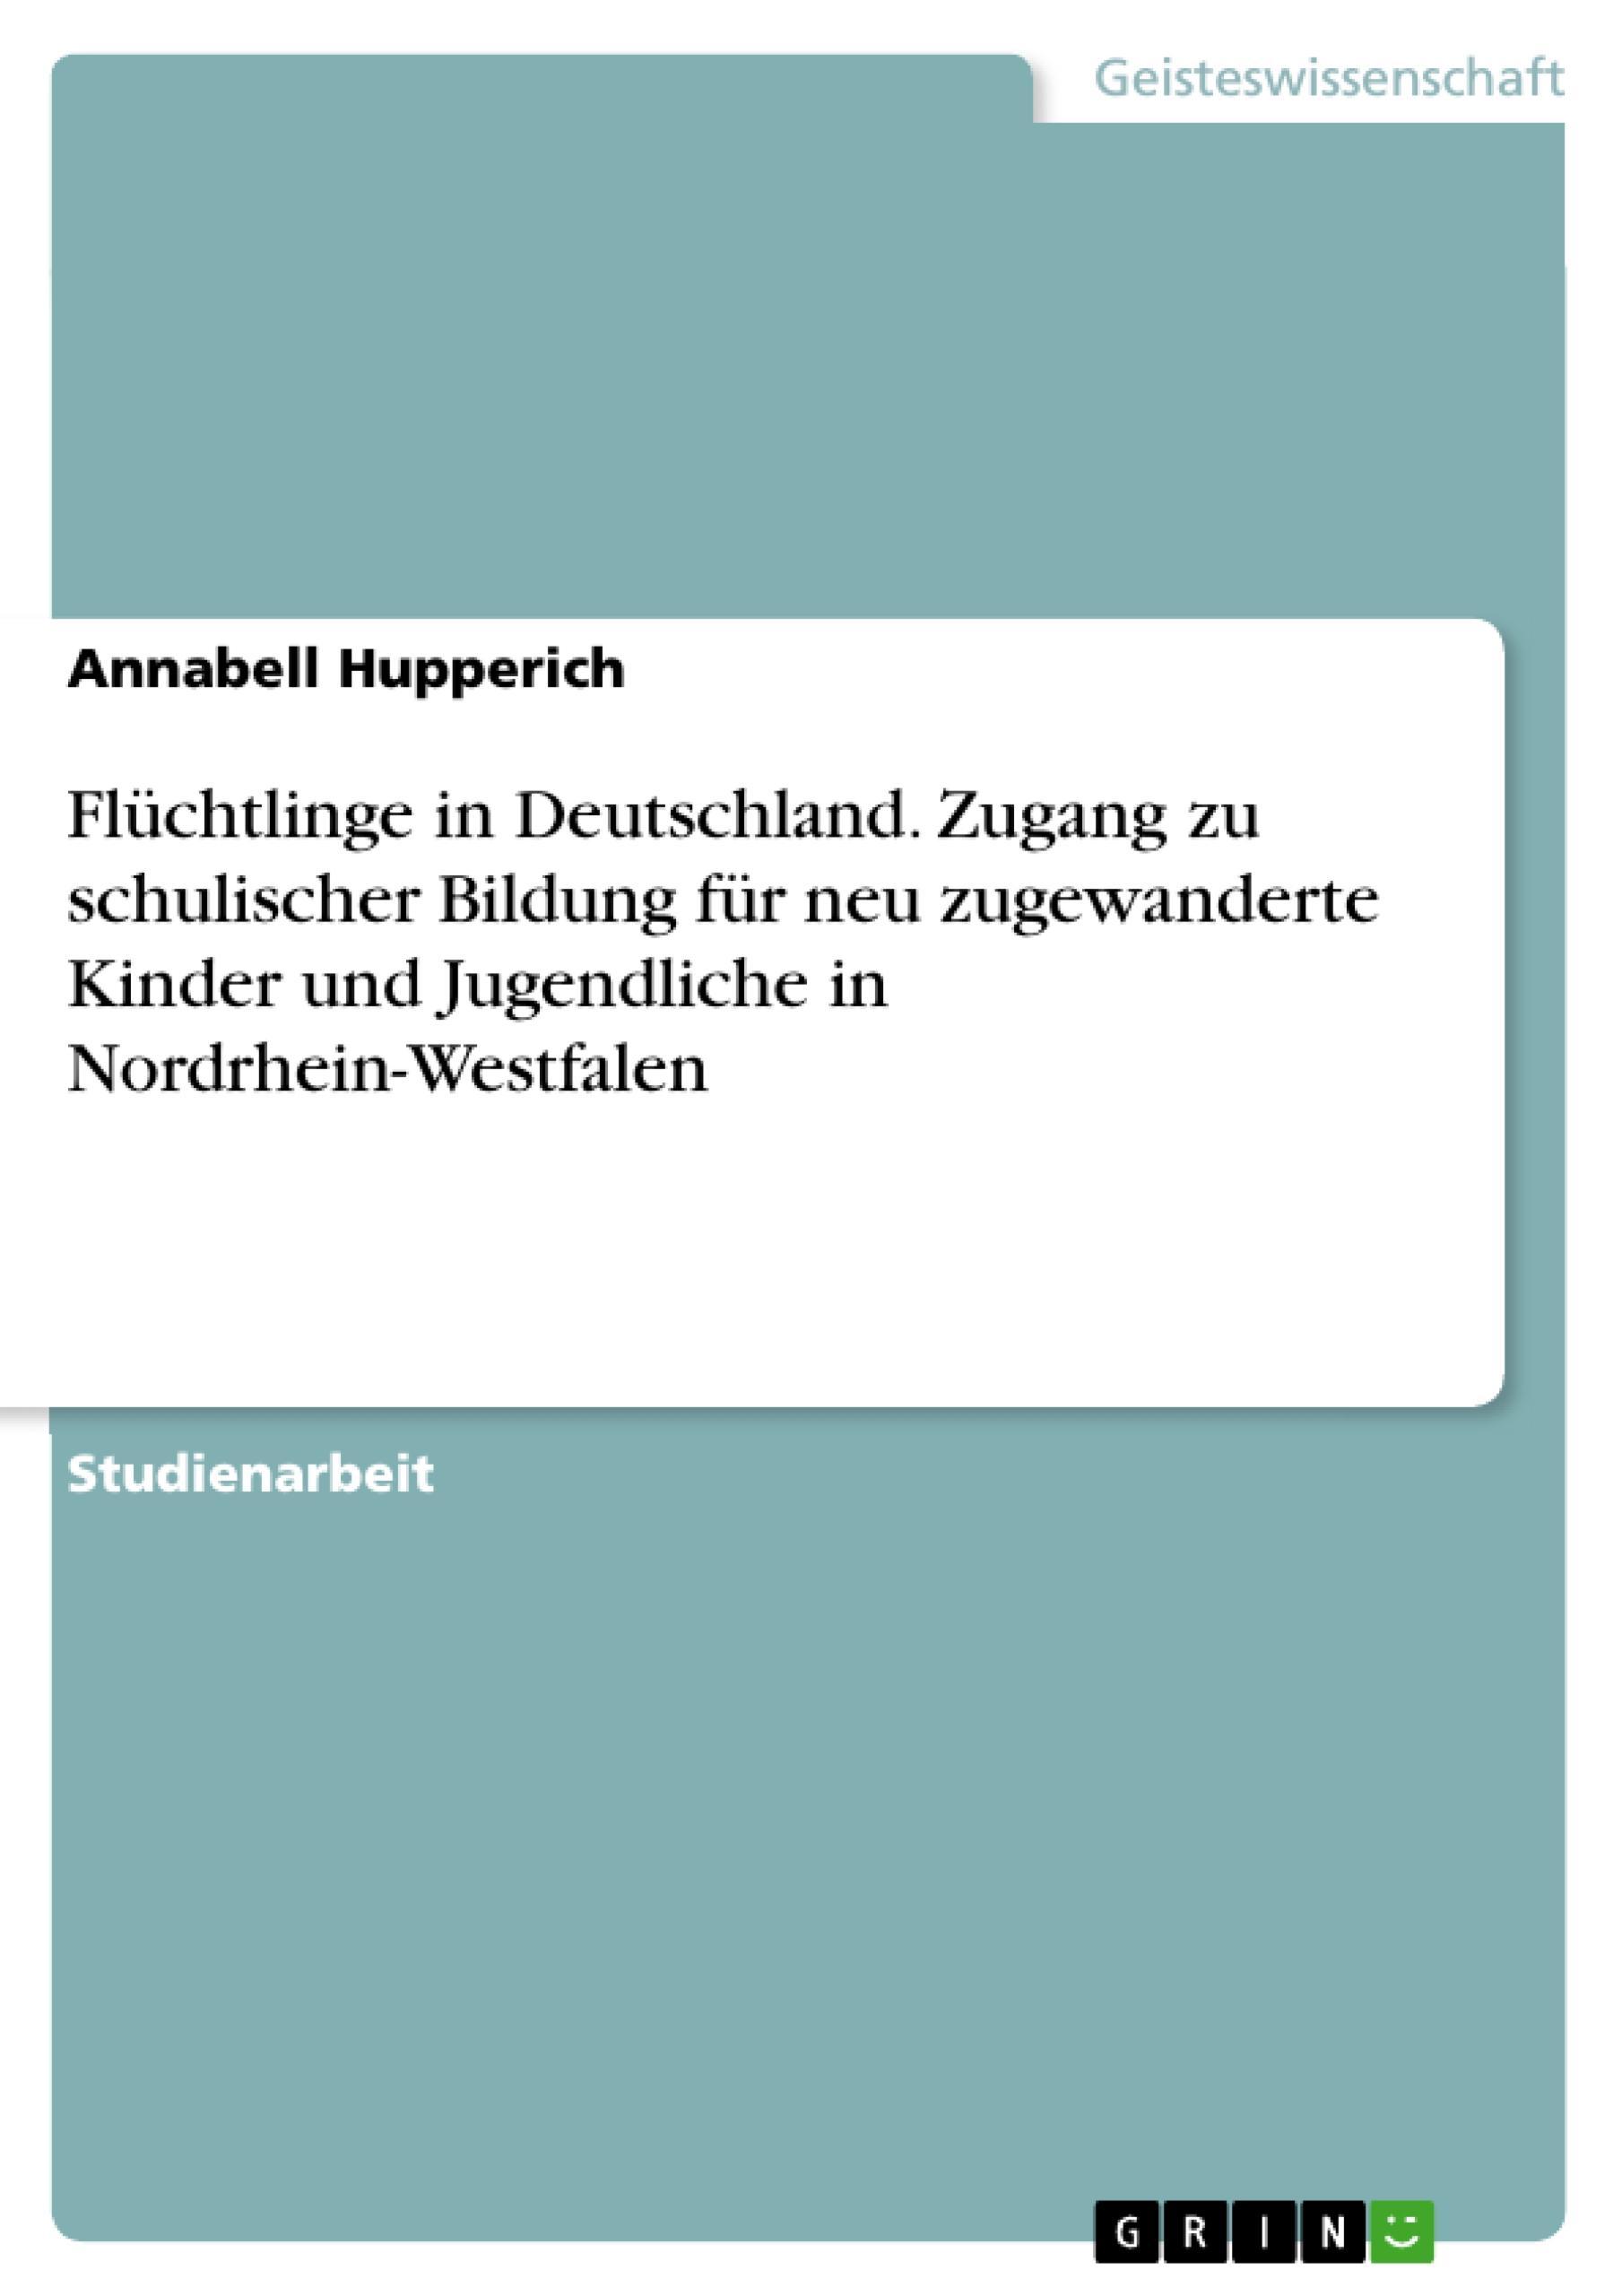 Flüchtlinge in Deutschland. Zugang zu schulischer Bildung für neu zugewanderte Kinder und Jugendliche in Nordrhein-Westfalen  Annabell Hupperich  Taschenbuch  Paperback  Deutsch  2017 - Hupperich, Annabell